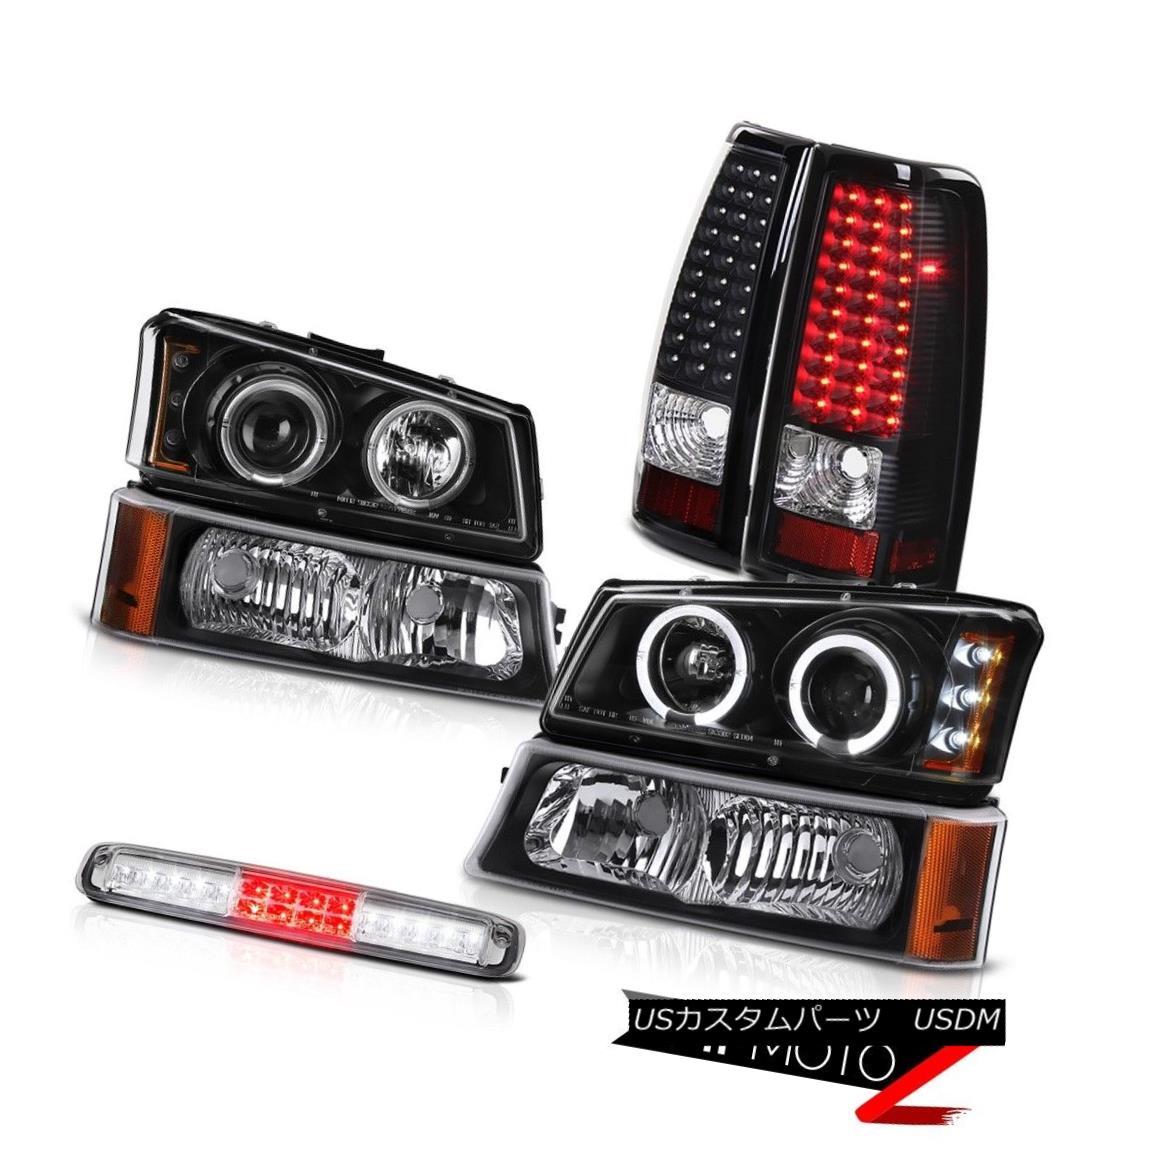 テールライト 03-06 Silverado 1500 Bumper Lamp Euro Clear High Stop Light Headlamps Taillights 03-06 Silverado 1500バンパーランプユーロクリアハイストップライトヘッドランプテールランプ